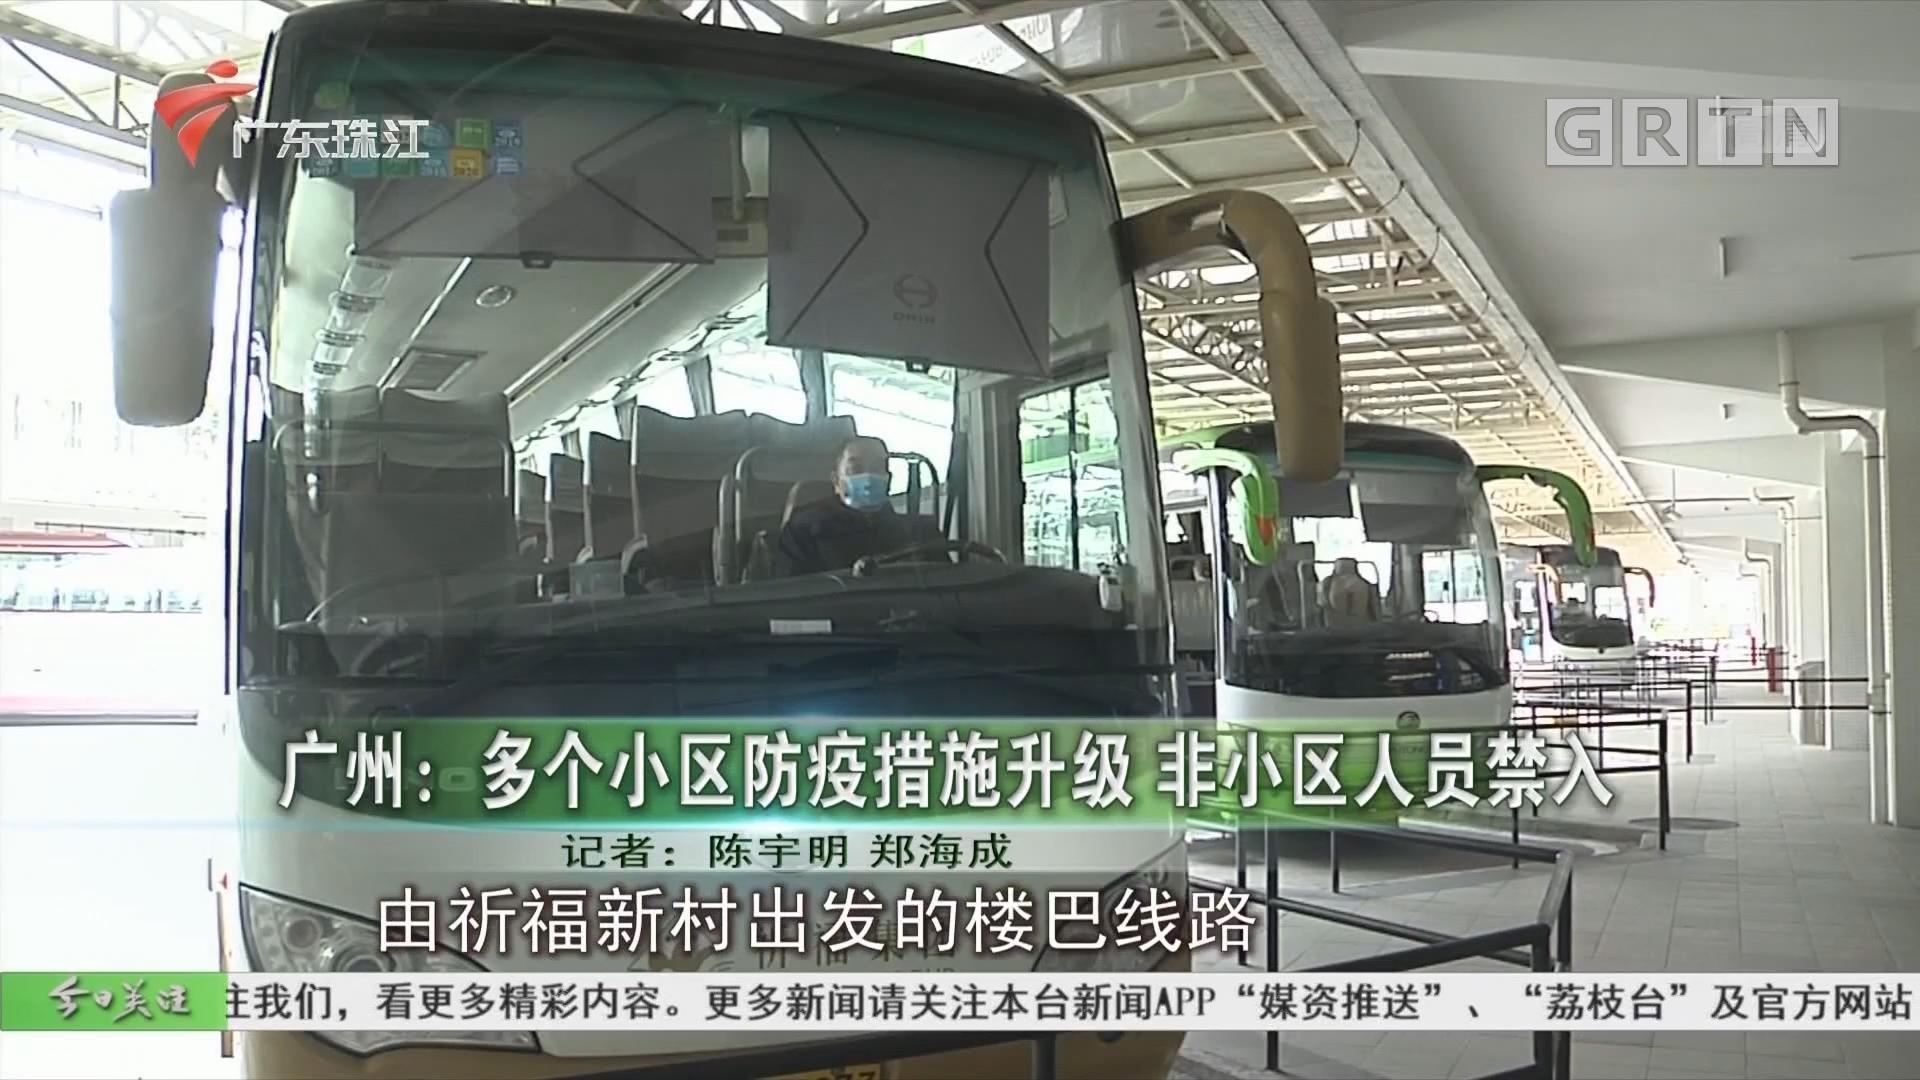 广州:多个小区防疫措施升级 非小区人员禁入